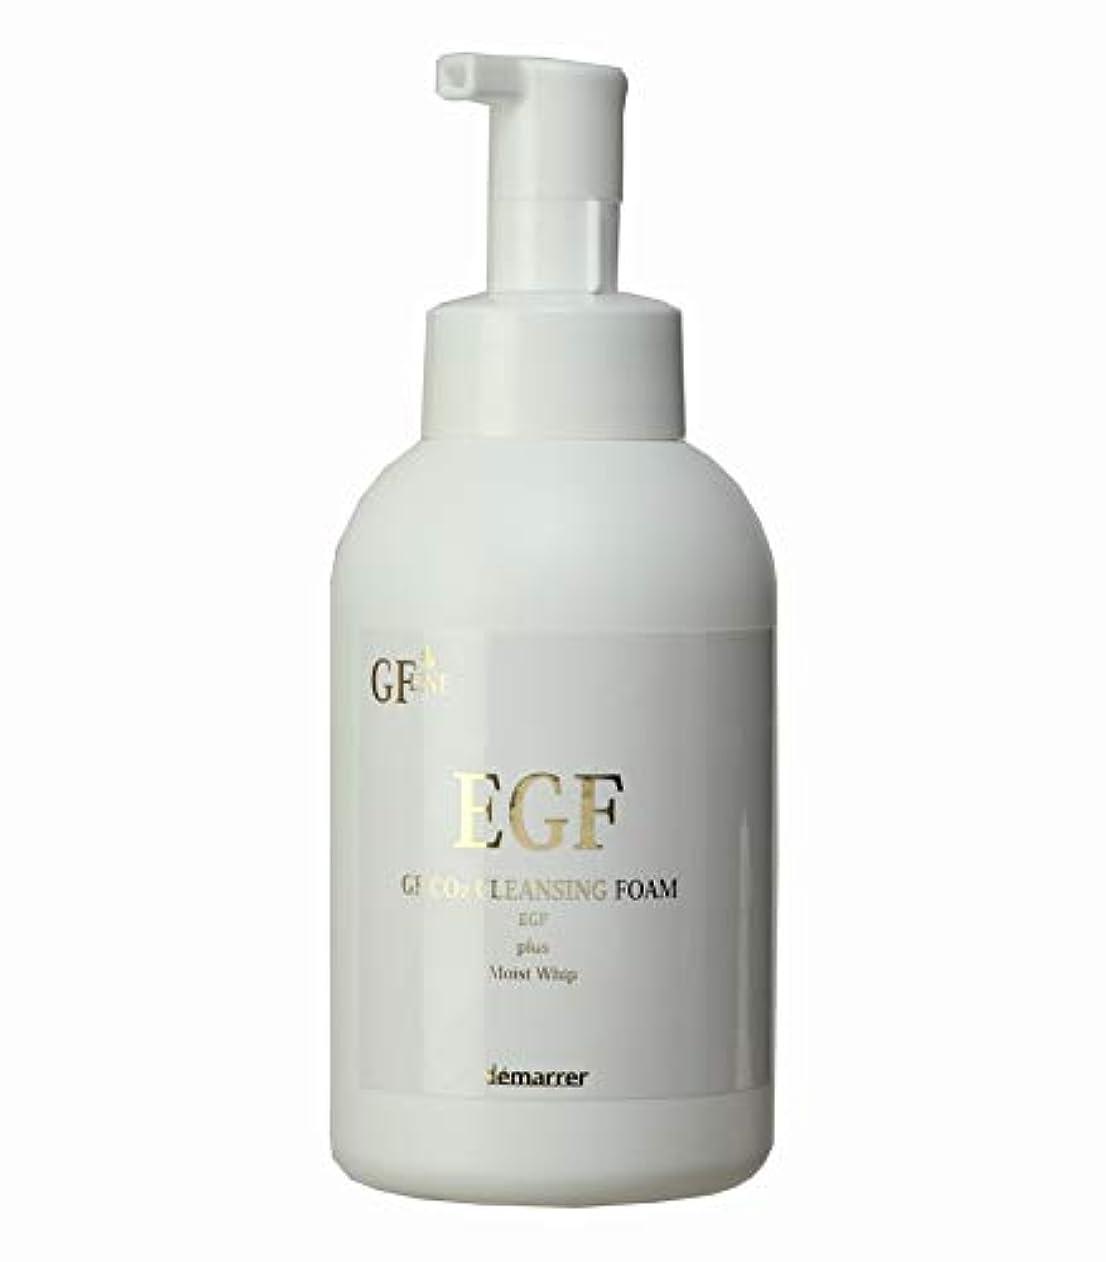 主要な凝縮するボルトデマレ GF炭酸洗顔フォーム 500ml